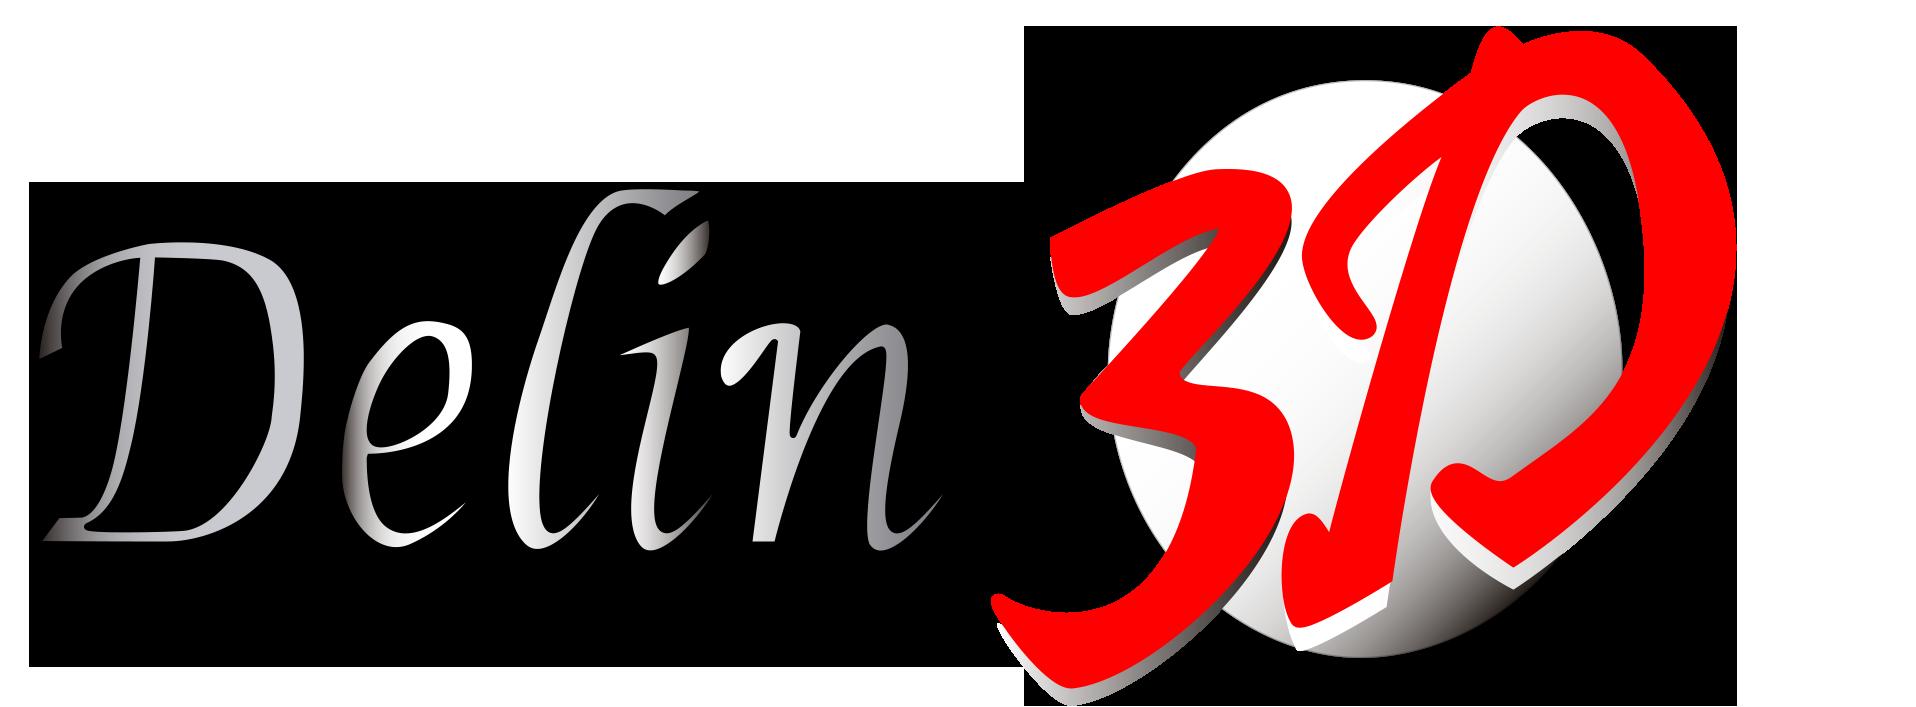 logo delin3d servicios de delineacion con modelado bim modelado 3d y planos en autocad